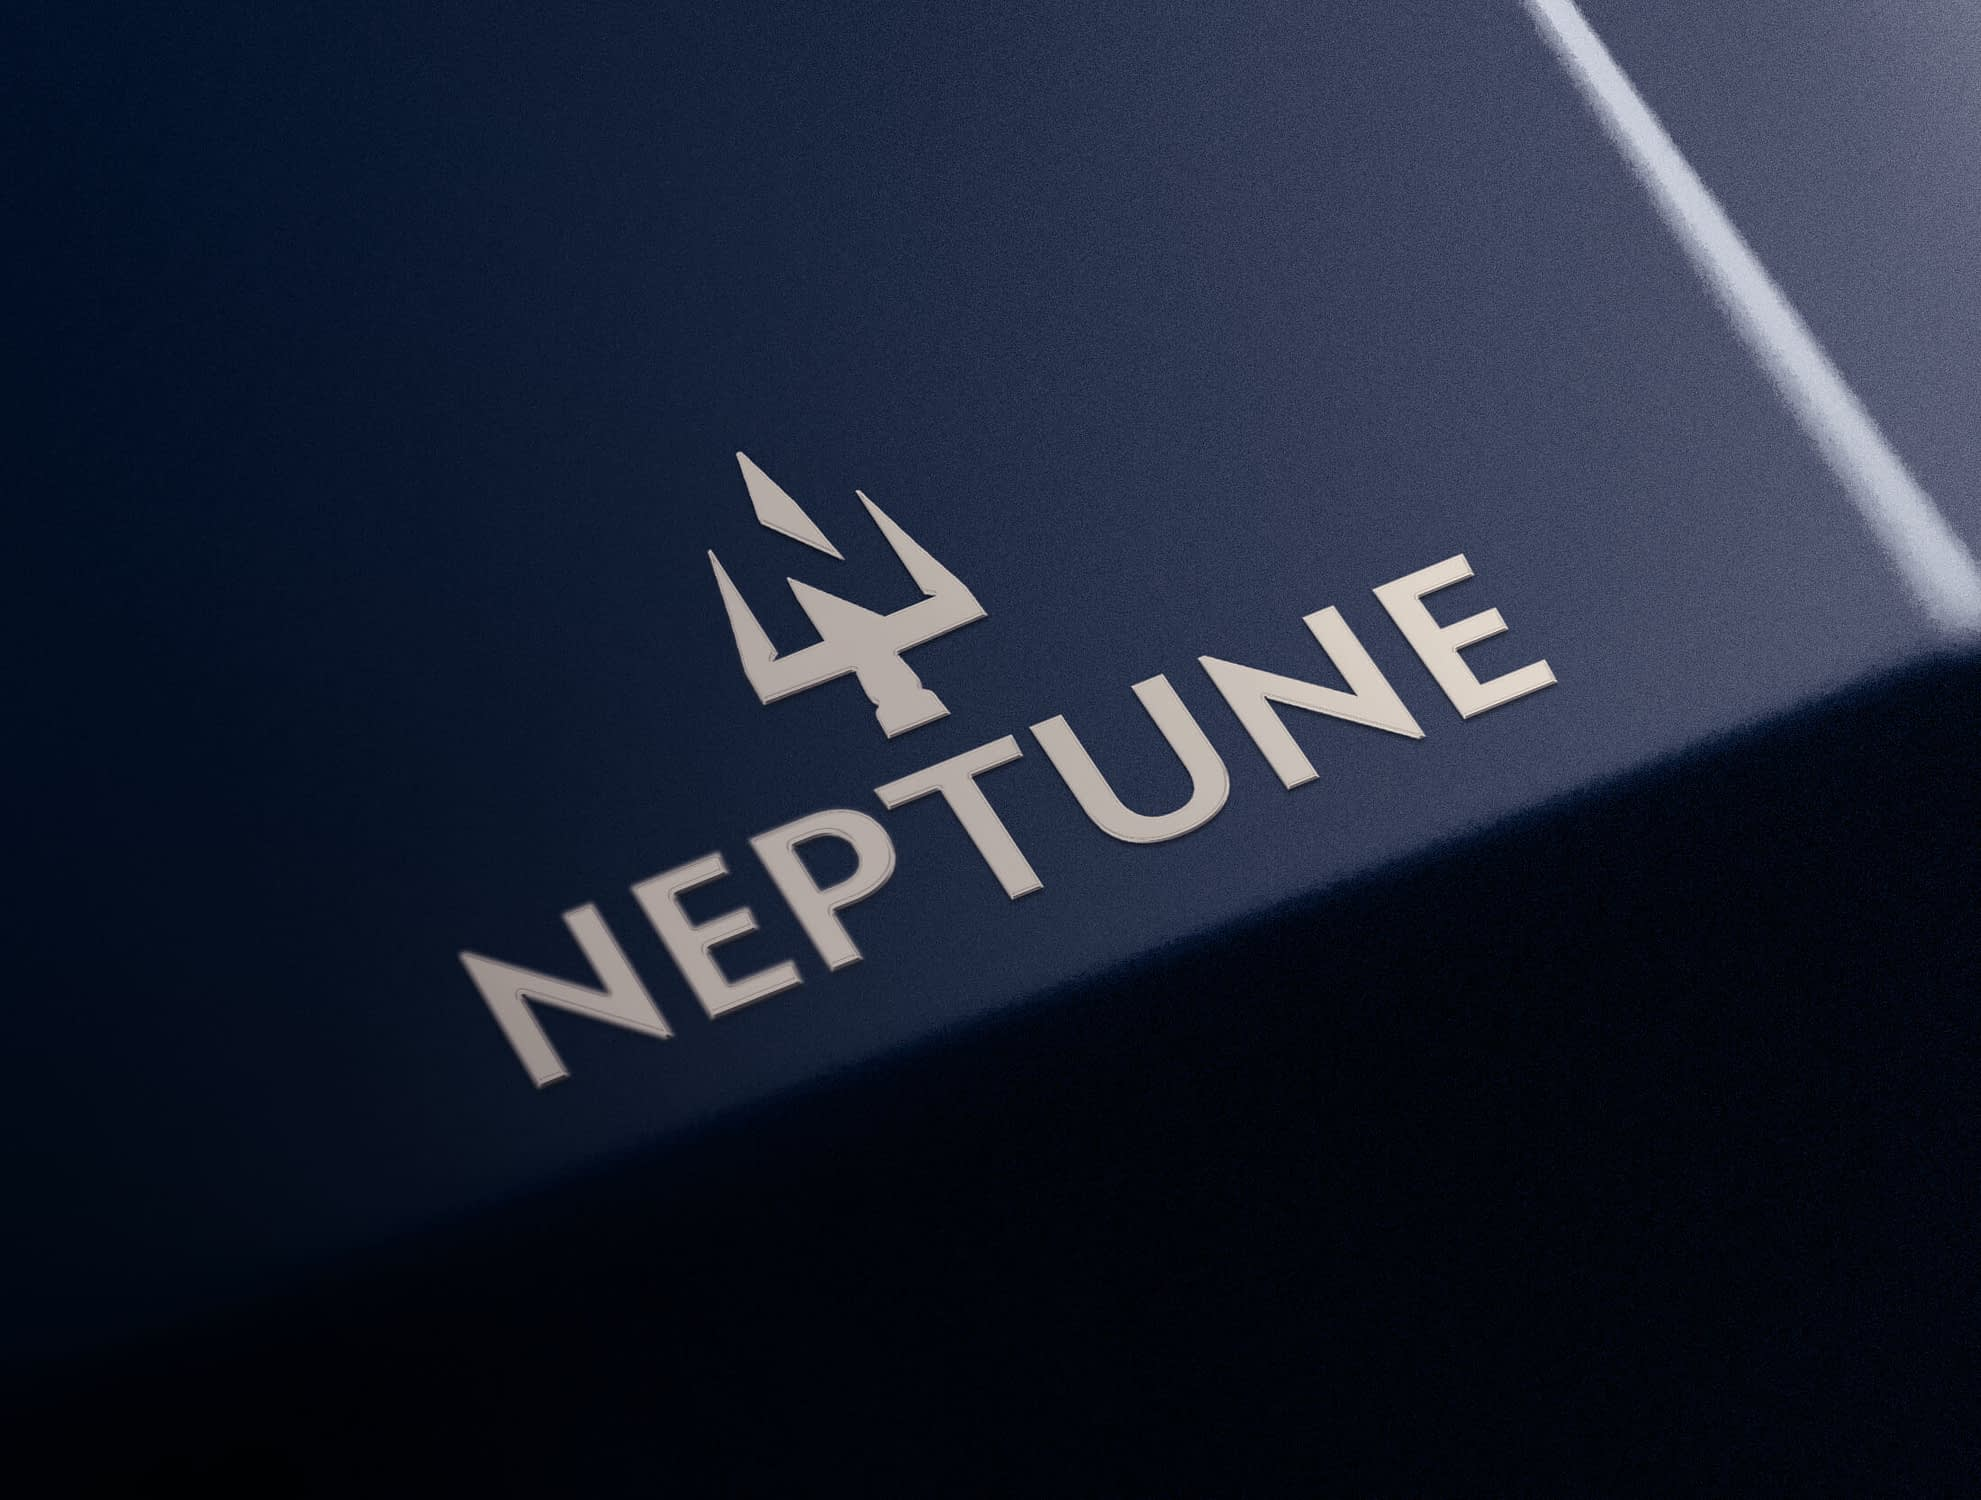 Finished Startup Branding Logo Design for Neptune